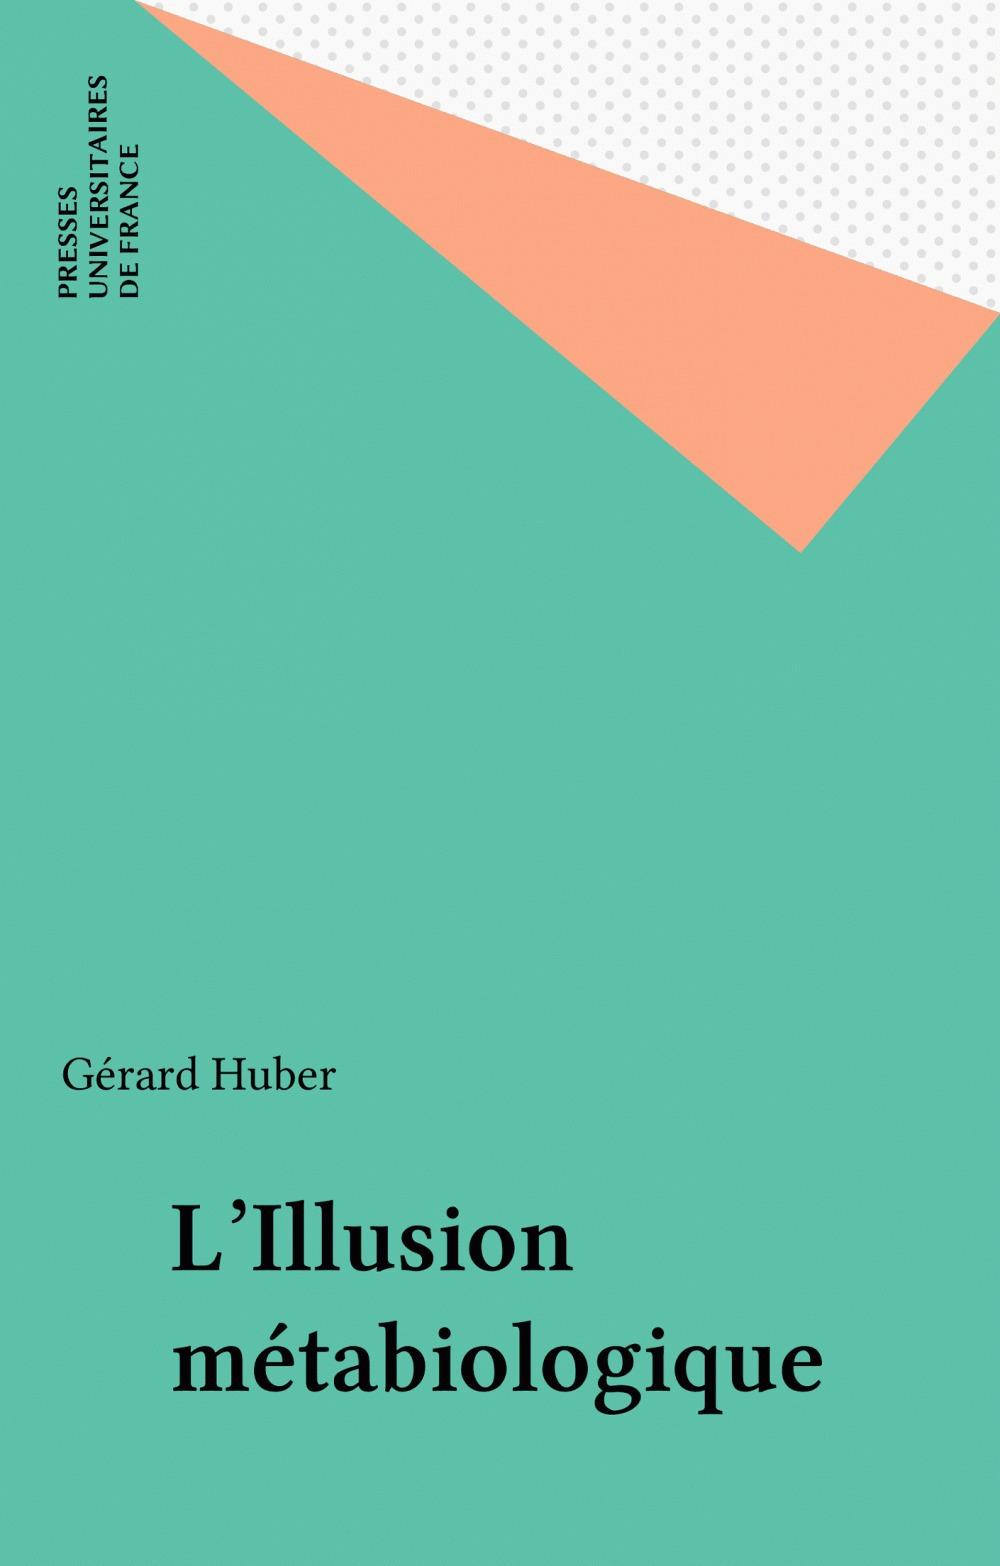 l'illusion metabiologique